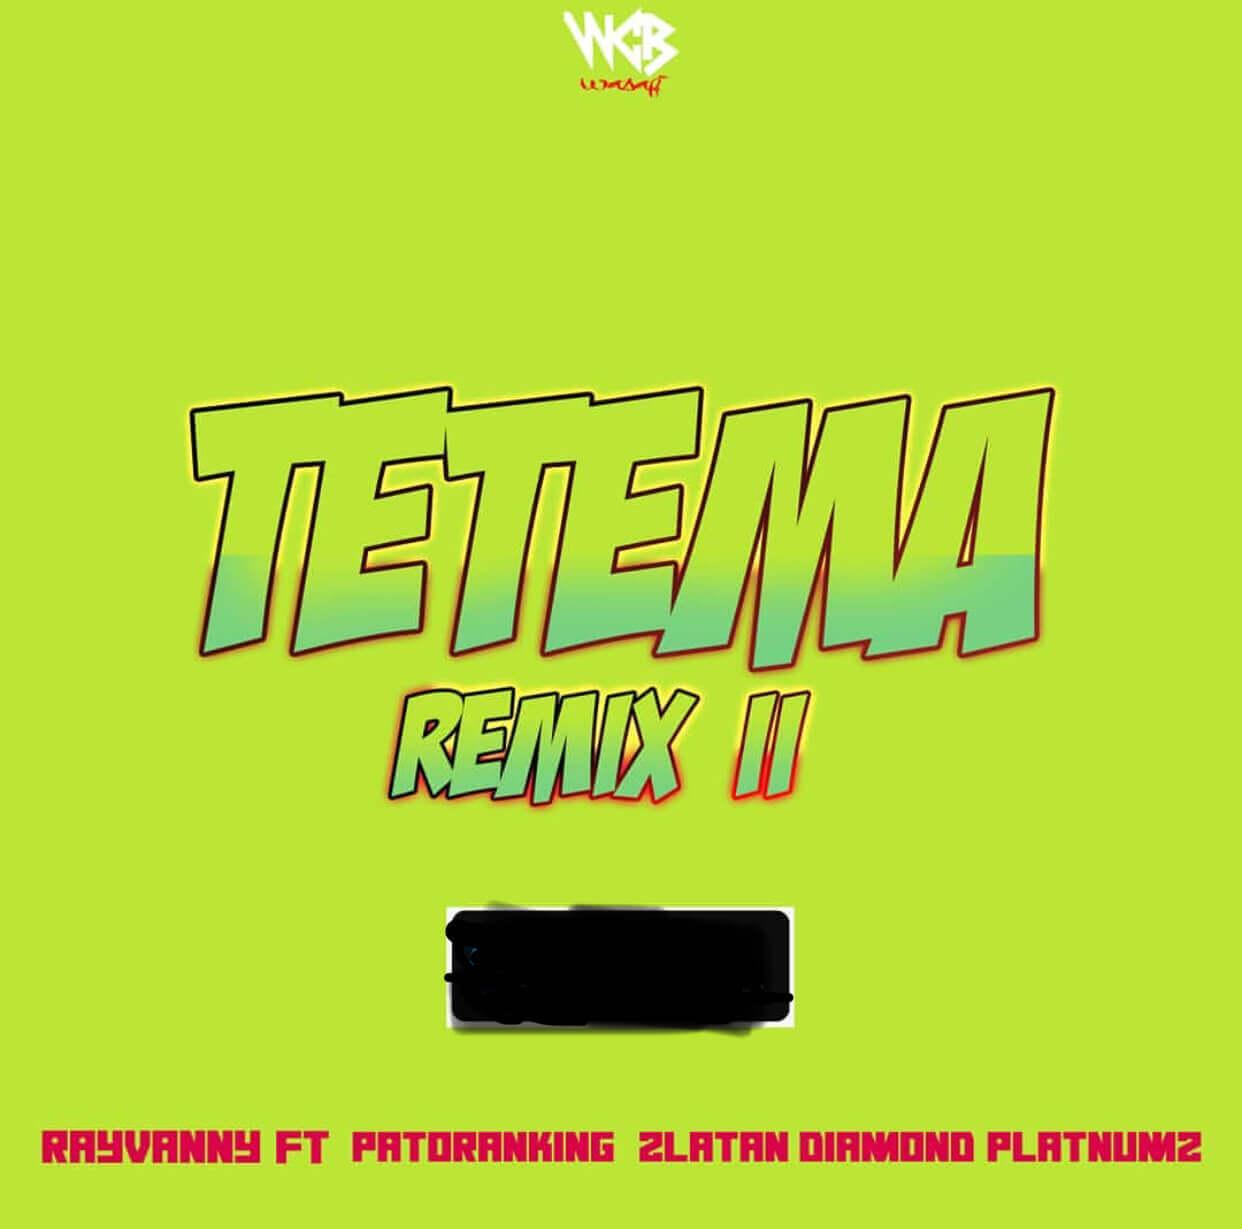 Rayvanny - Tetema (Remix 2) ft. Patoranking, Zlatan & Diamond Platnumz